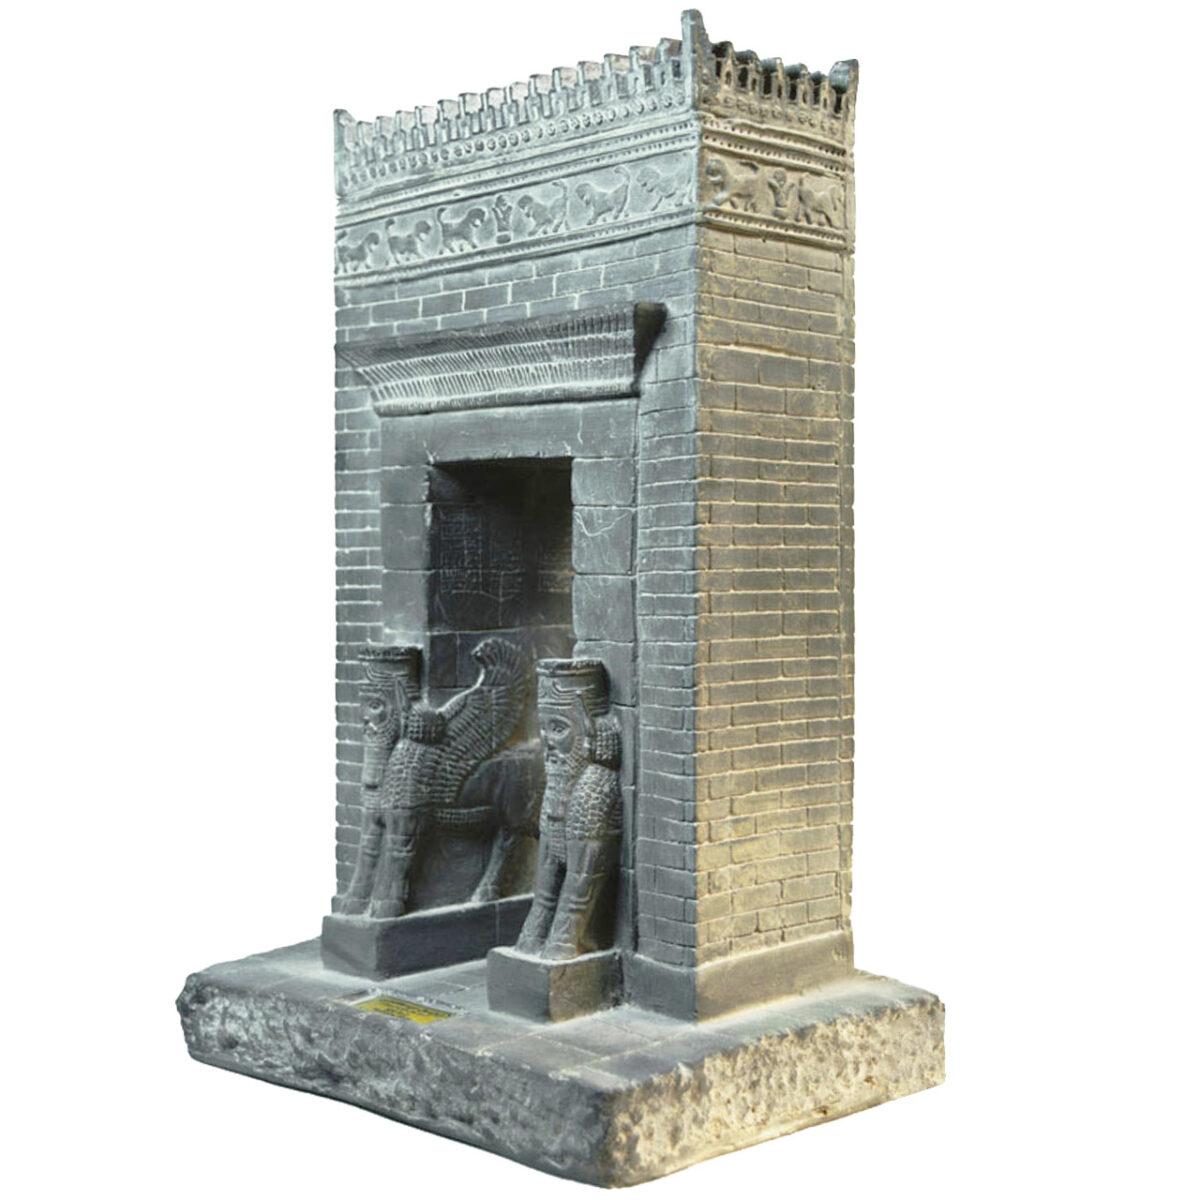 مجسمه تندیس و پیکره شهریار مدل دروازه ملل کد MO1510 سایز بزرگ